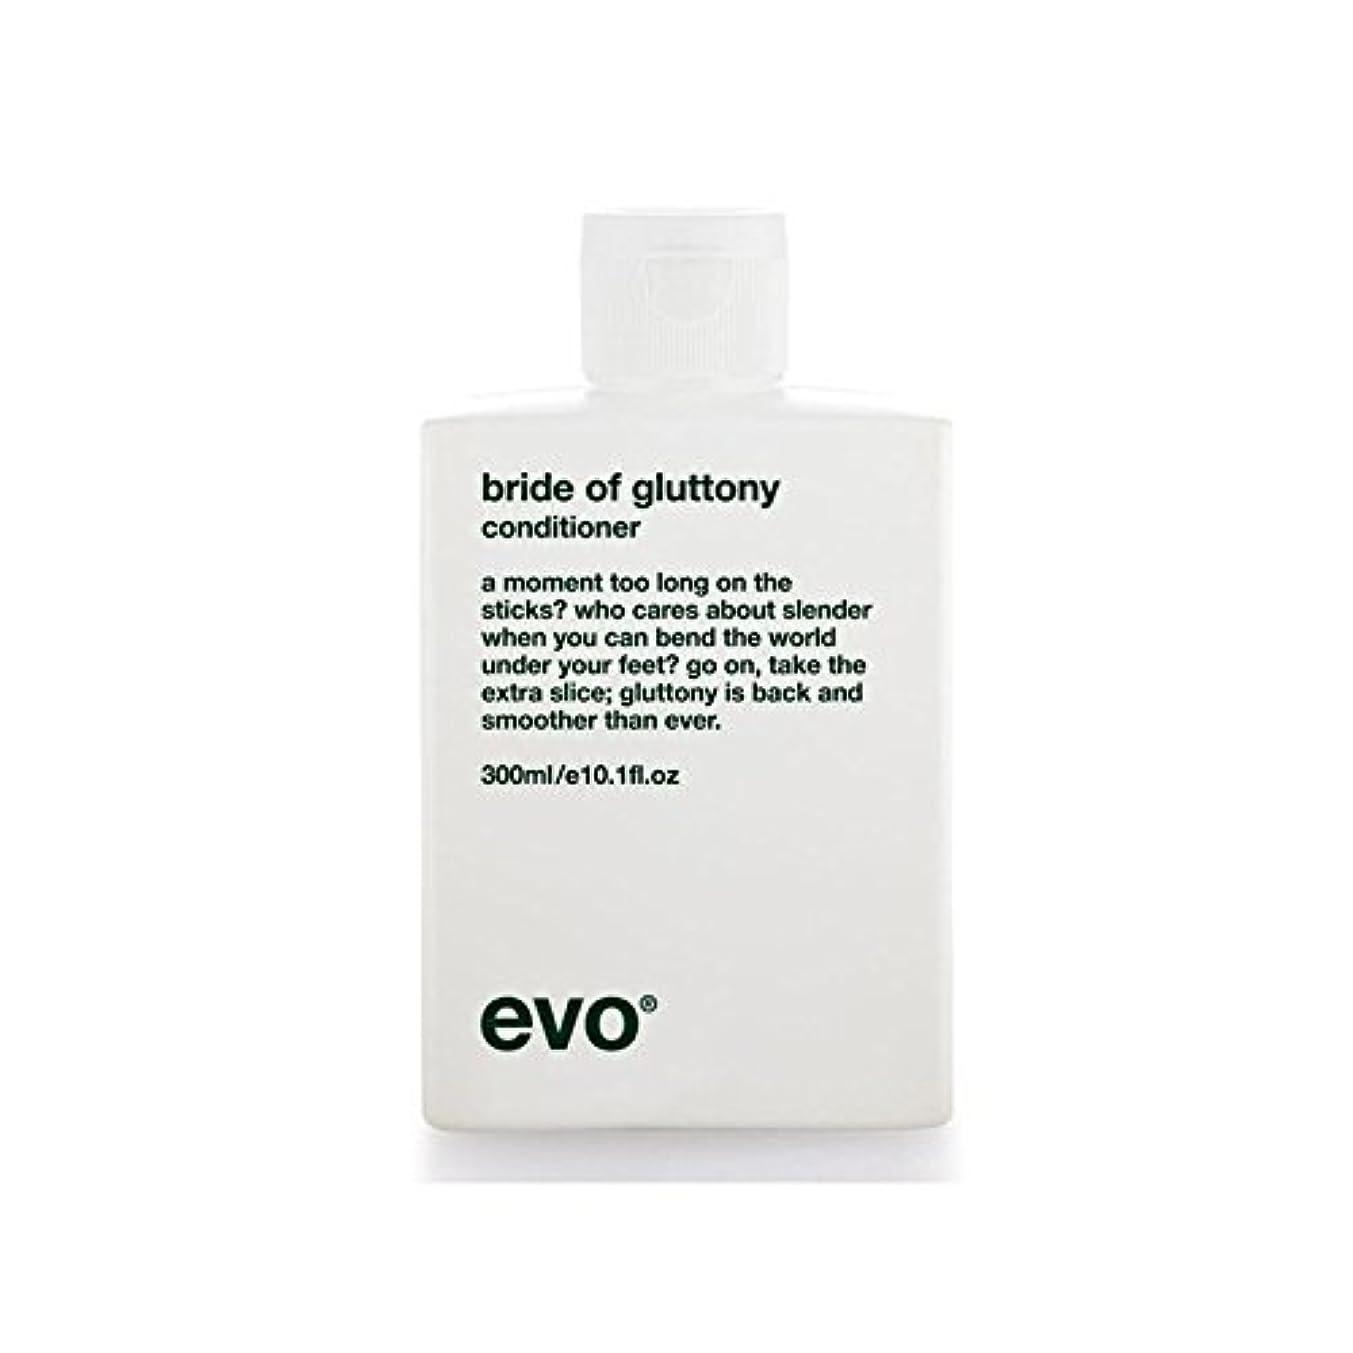 眠る絡み合い他の場所Evo Bride Of Gluttony Volume Conditioner (Pack of 6) - 飽食のボリュームコンディショナーのエボ花嫁 x6 [並行輸入品]